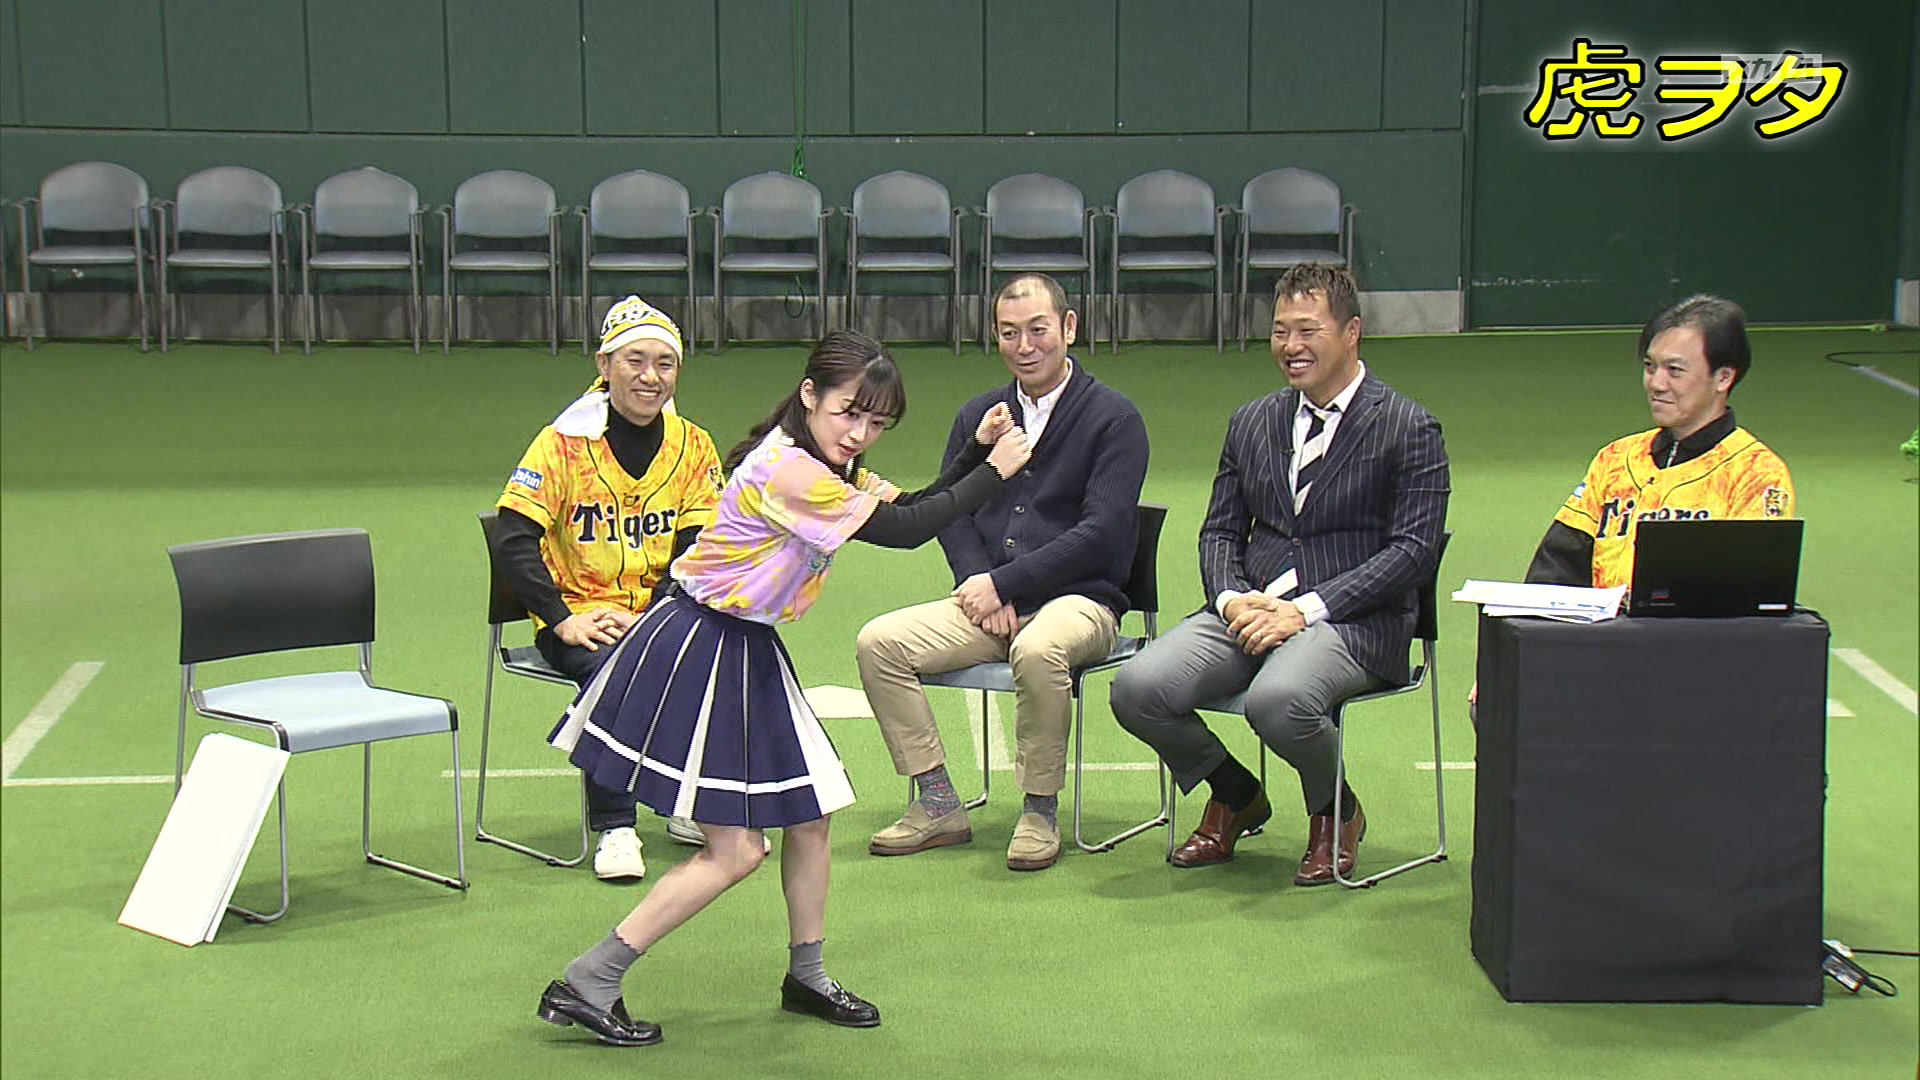 【川上千尋】ちっひー出演 2020年3月度 に放送された「虎ヲタ♯3」の画像